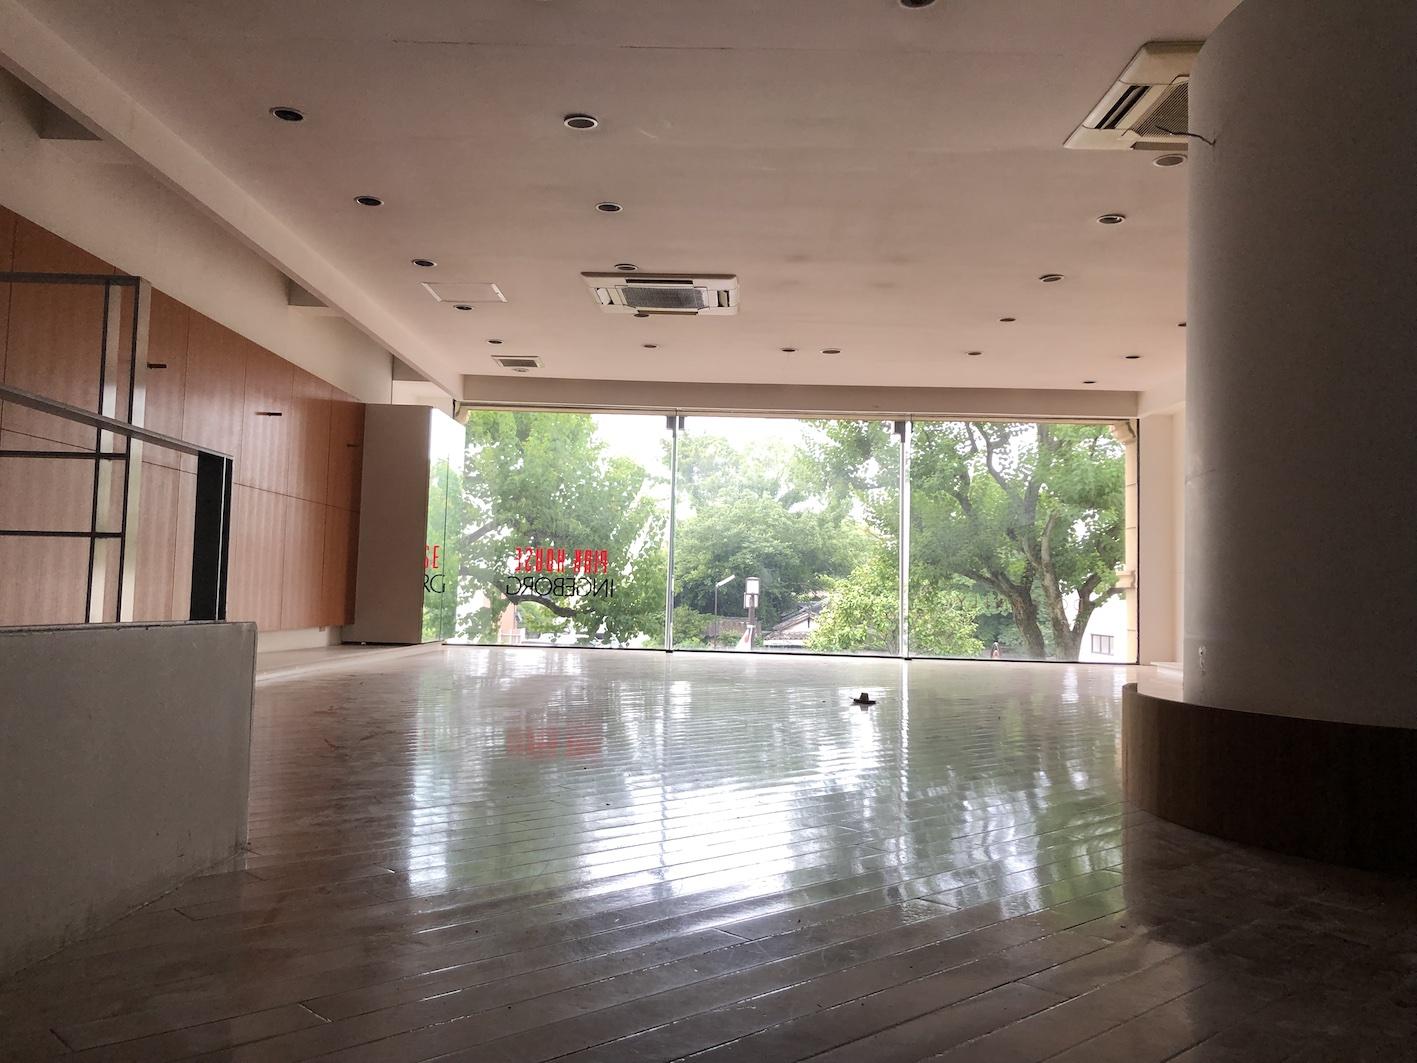 天井に窓のある部屋  中程度の精度で自動的に生成された説明